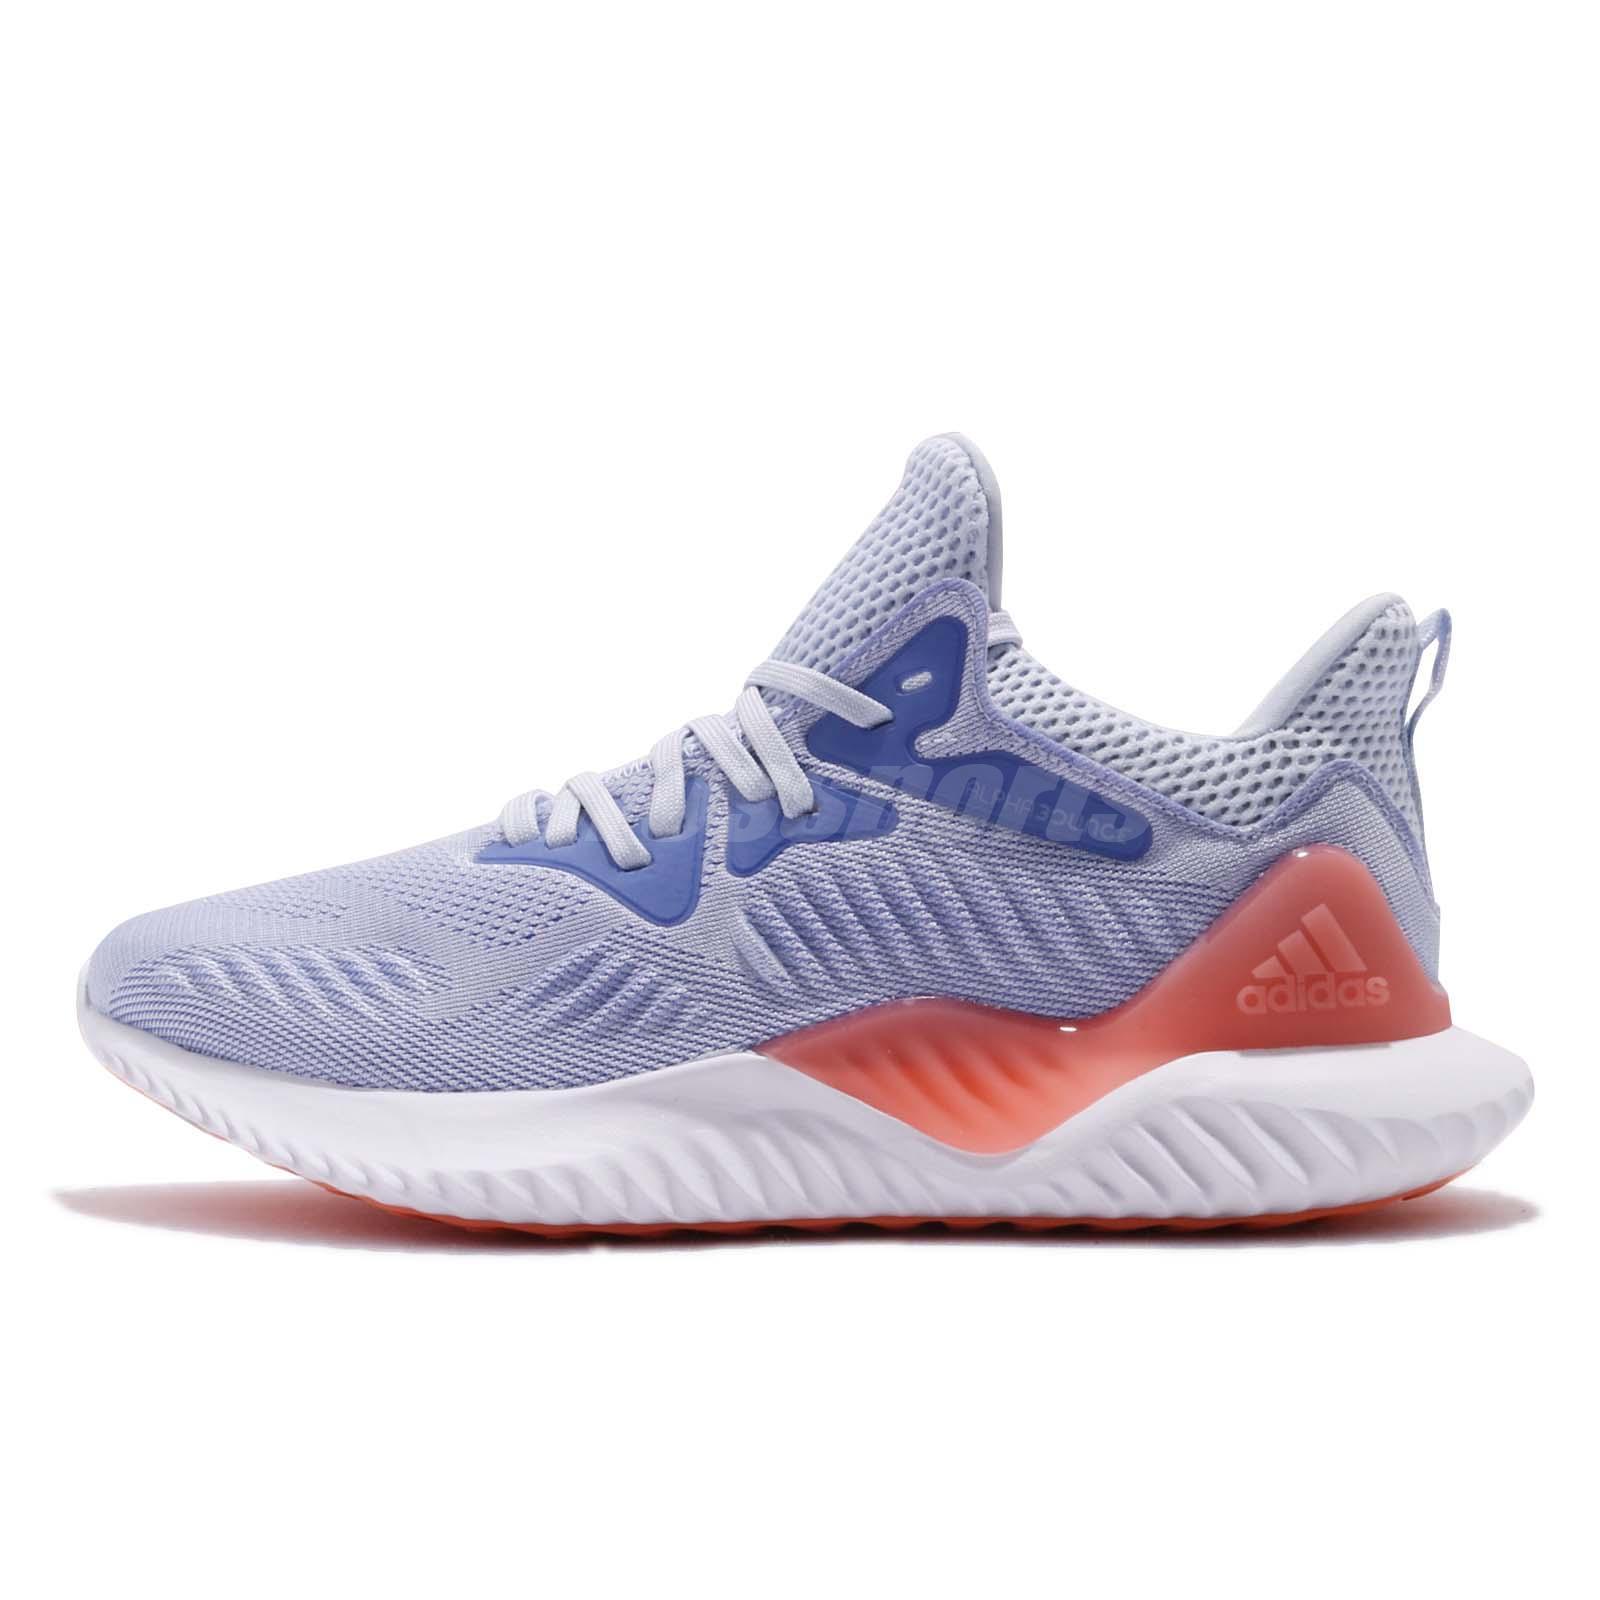 dd921d655 adidas AlphaBOUNCE Beyond J Aero Blue Pink Kids Junior Running Shoes DB1409